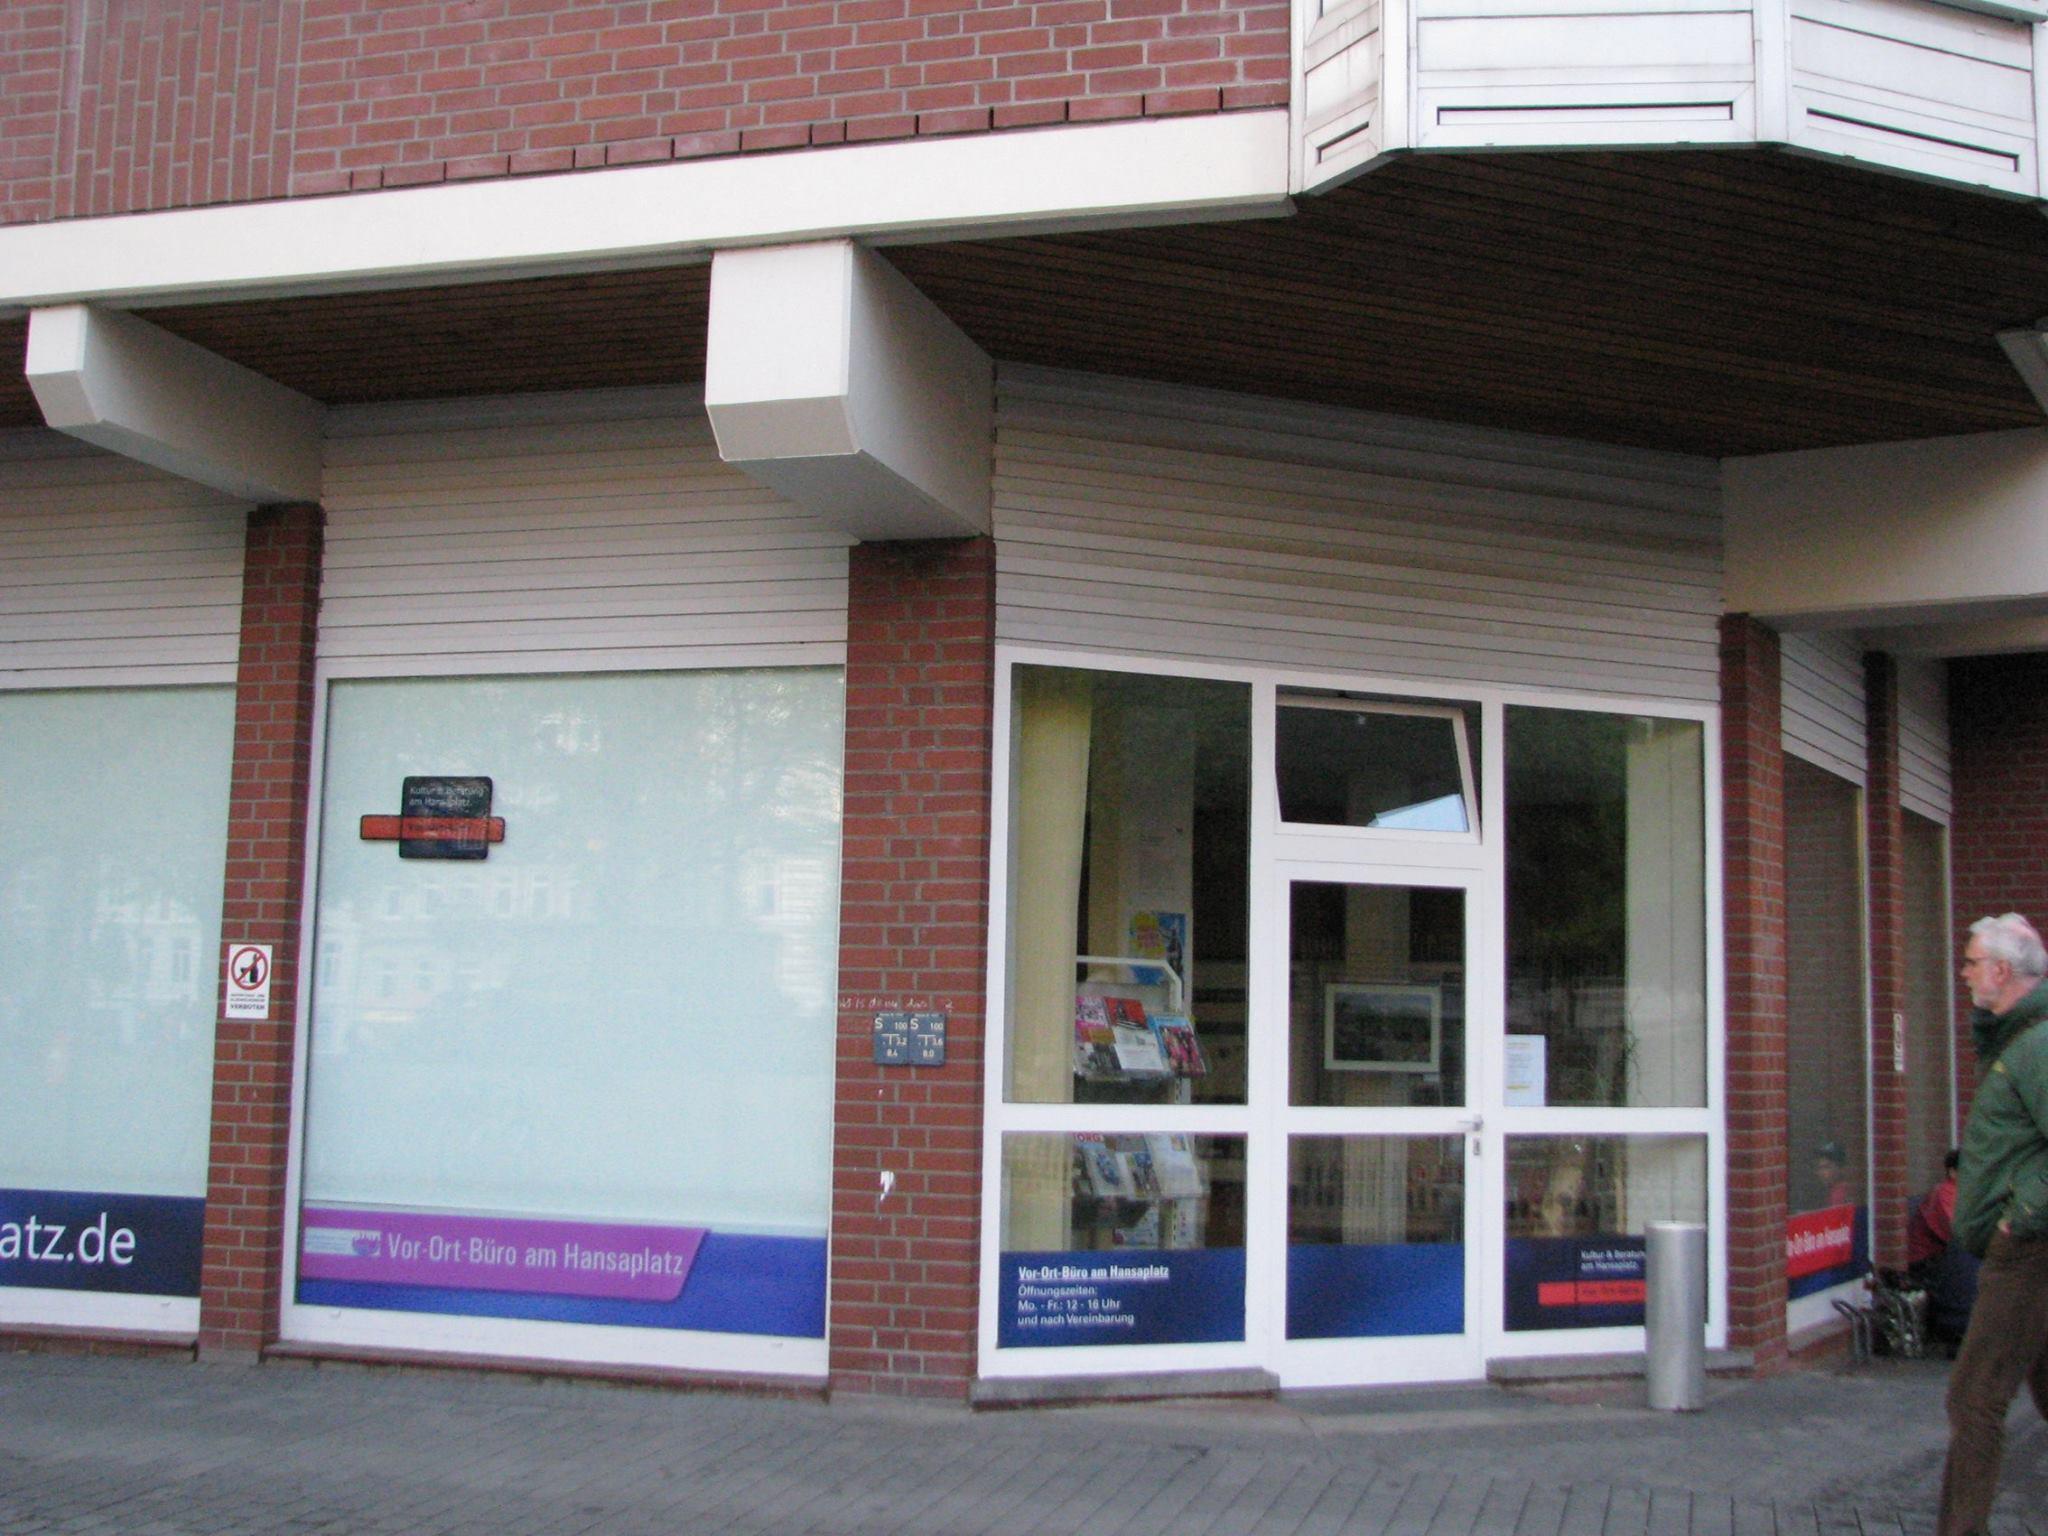 Zimmerpforte 8, Ecke Hansaplatz 10